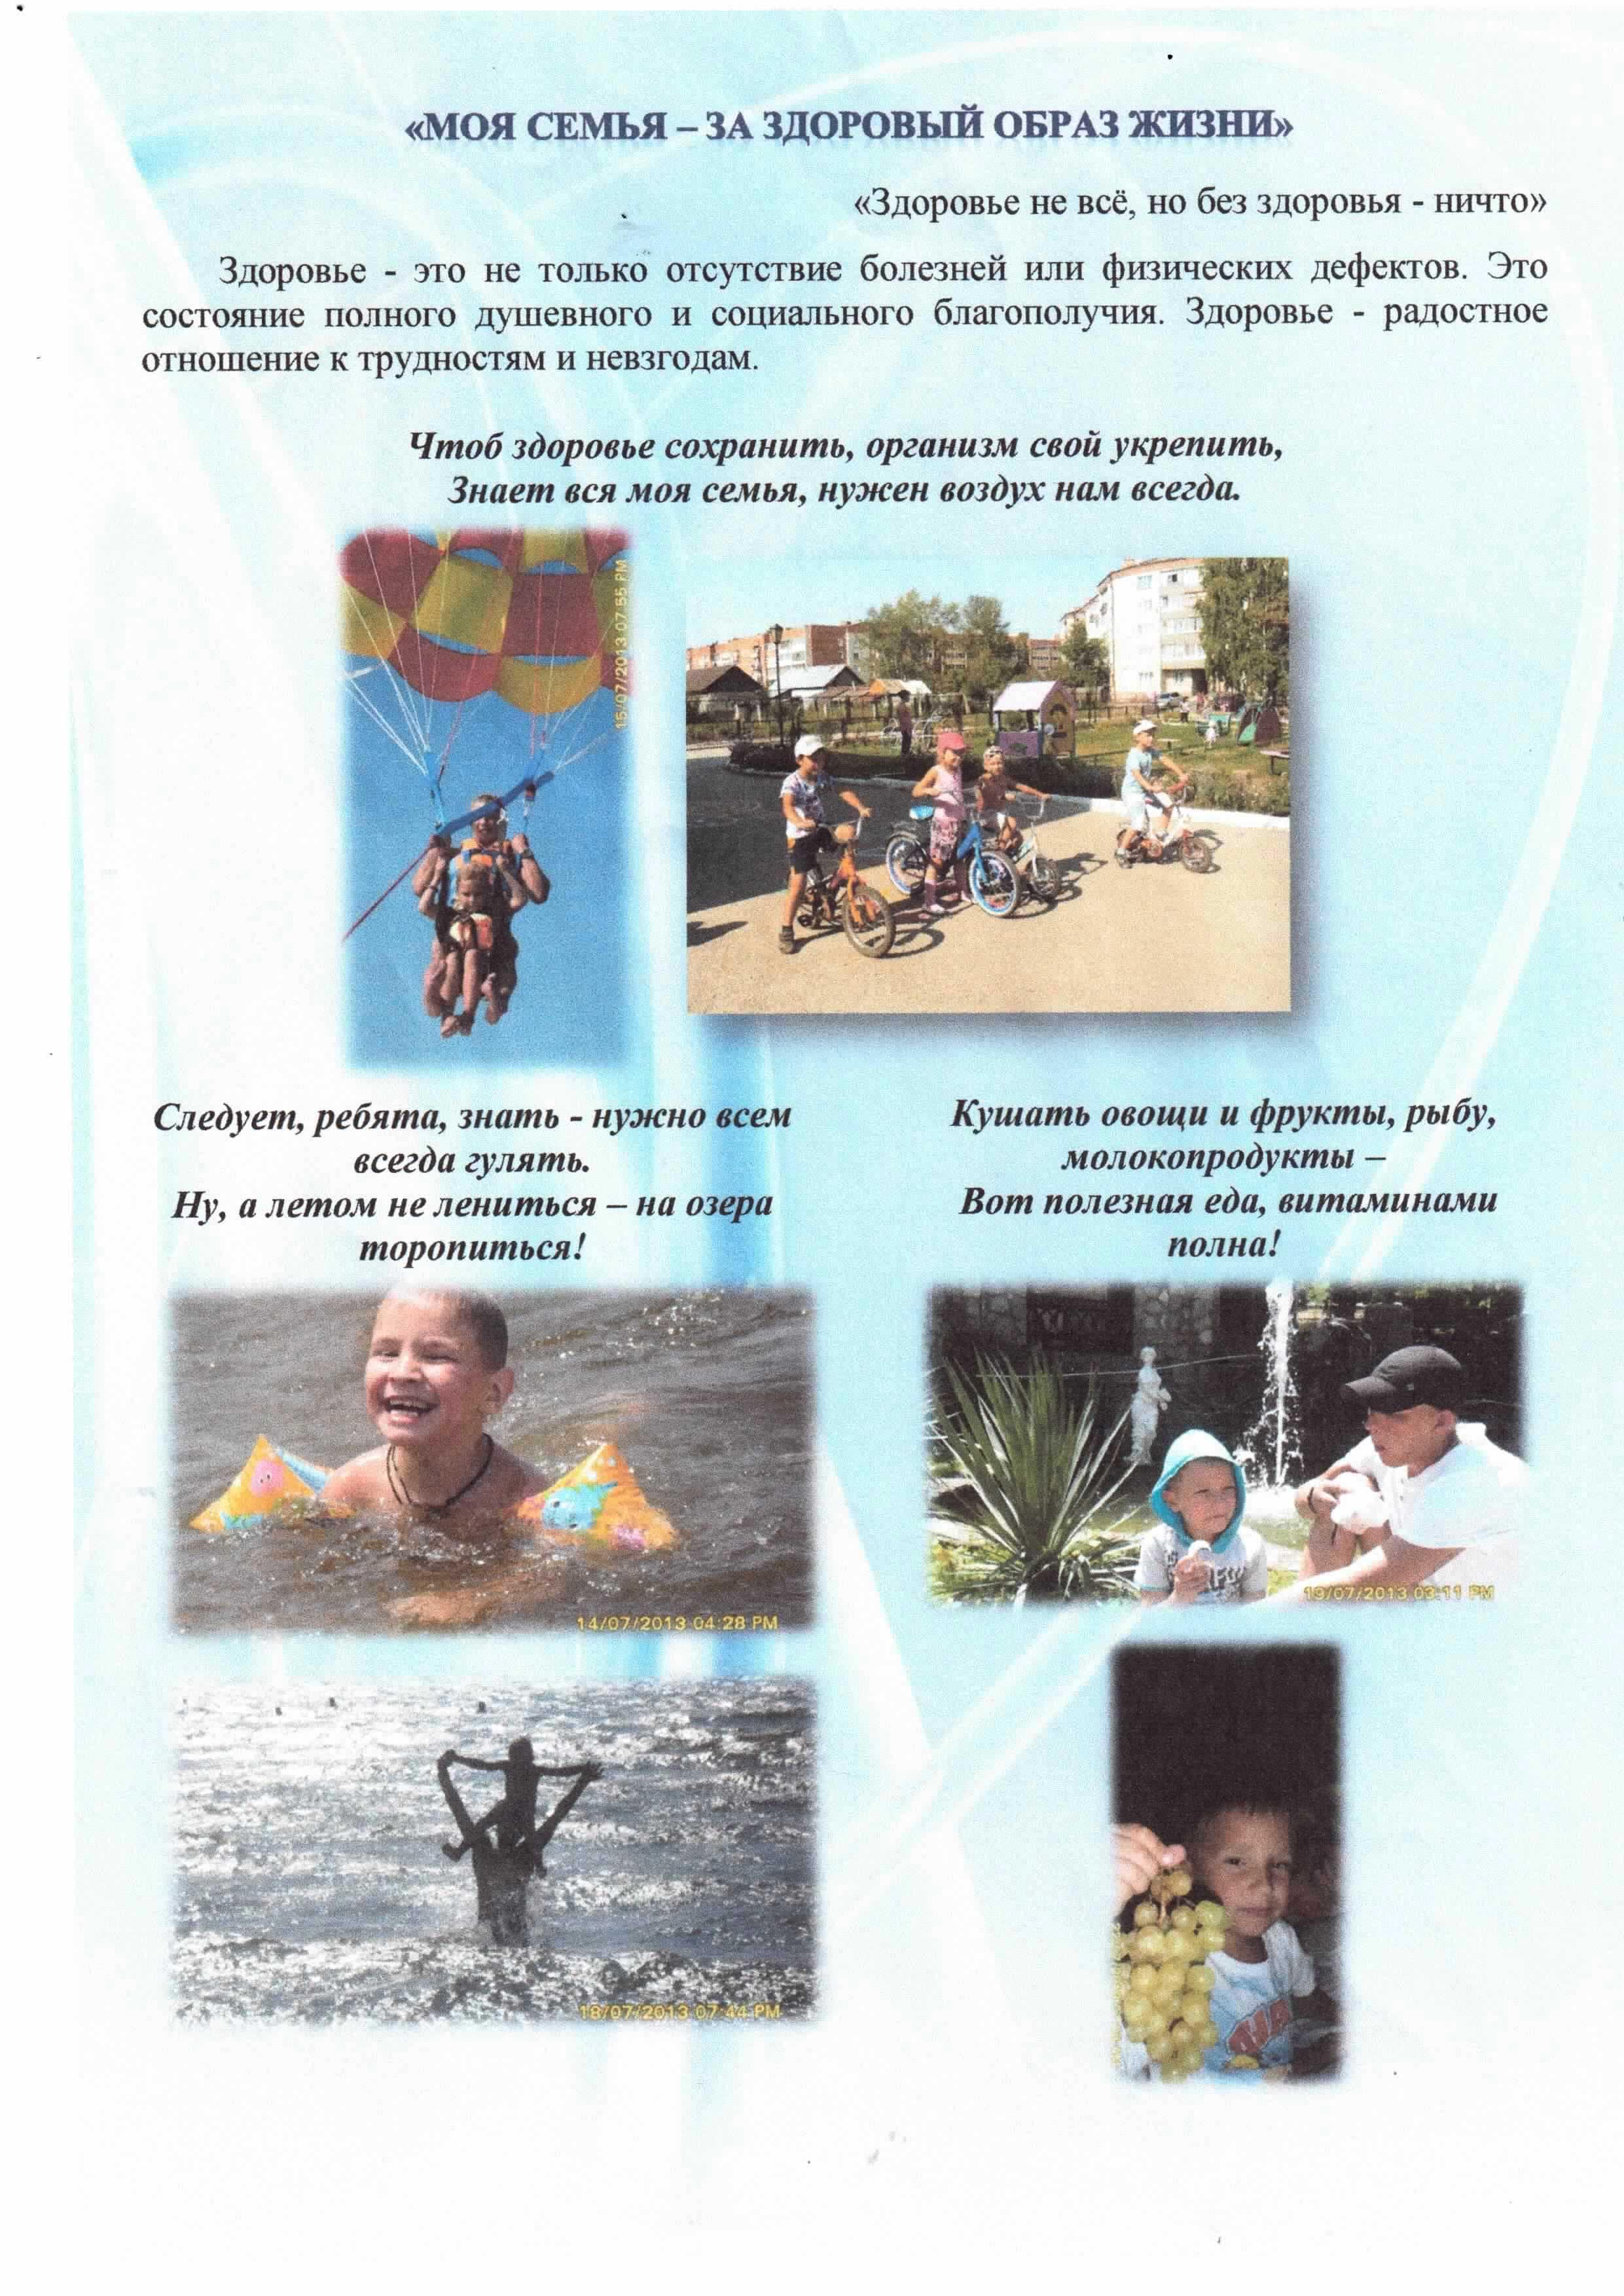 C:\Users\Татьяна\Desktop\Коллективный проект-Мы за здоровый образ жизни\Семья Горшенина Виктора (2).jpg